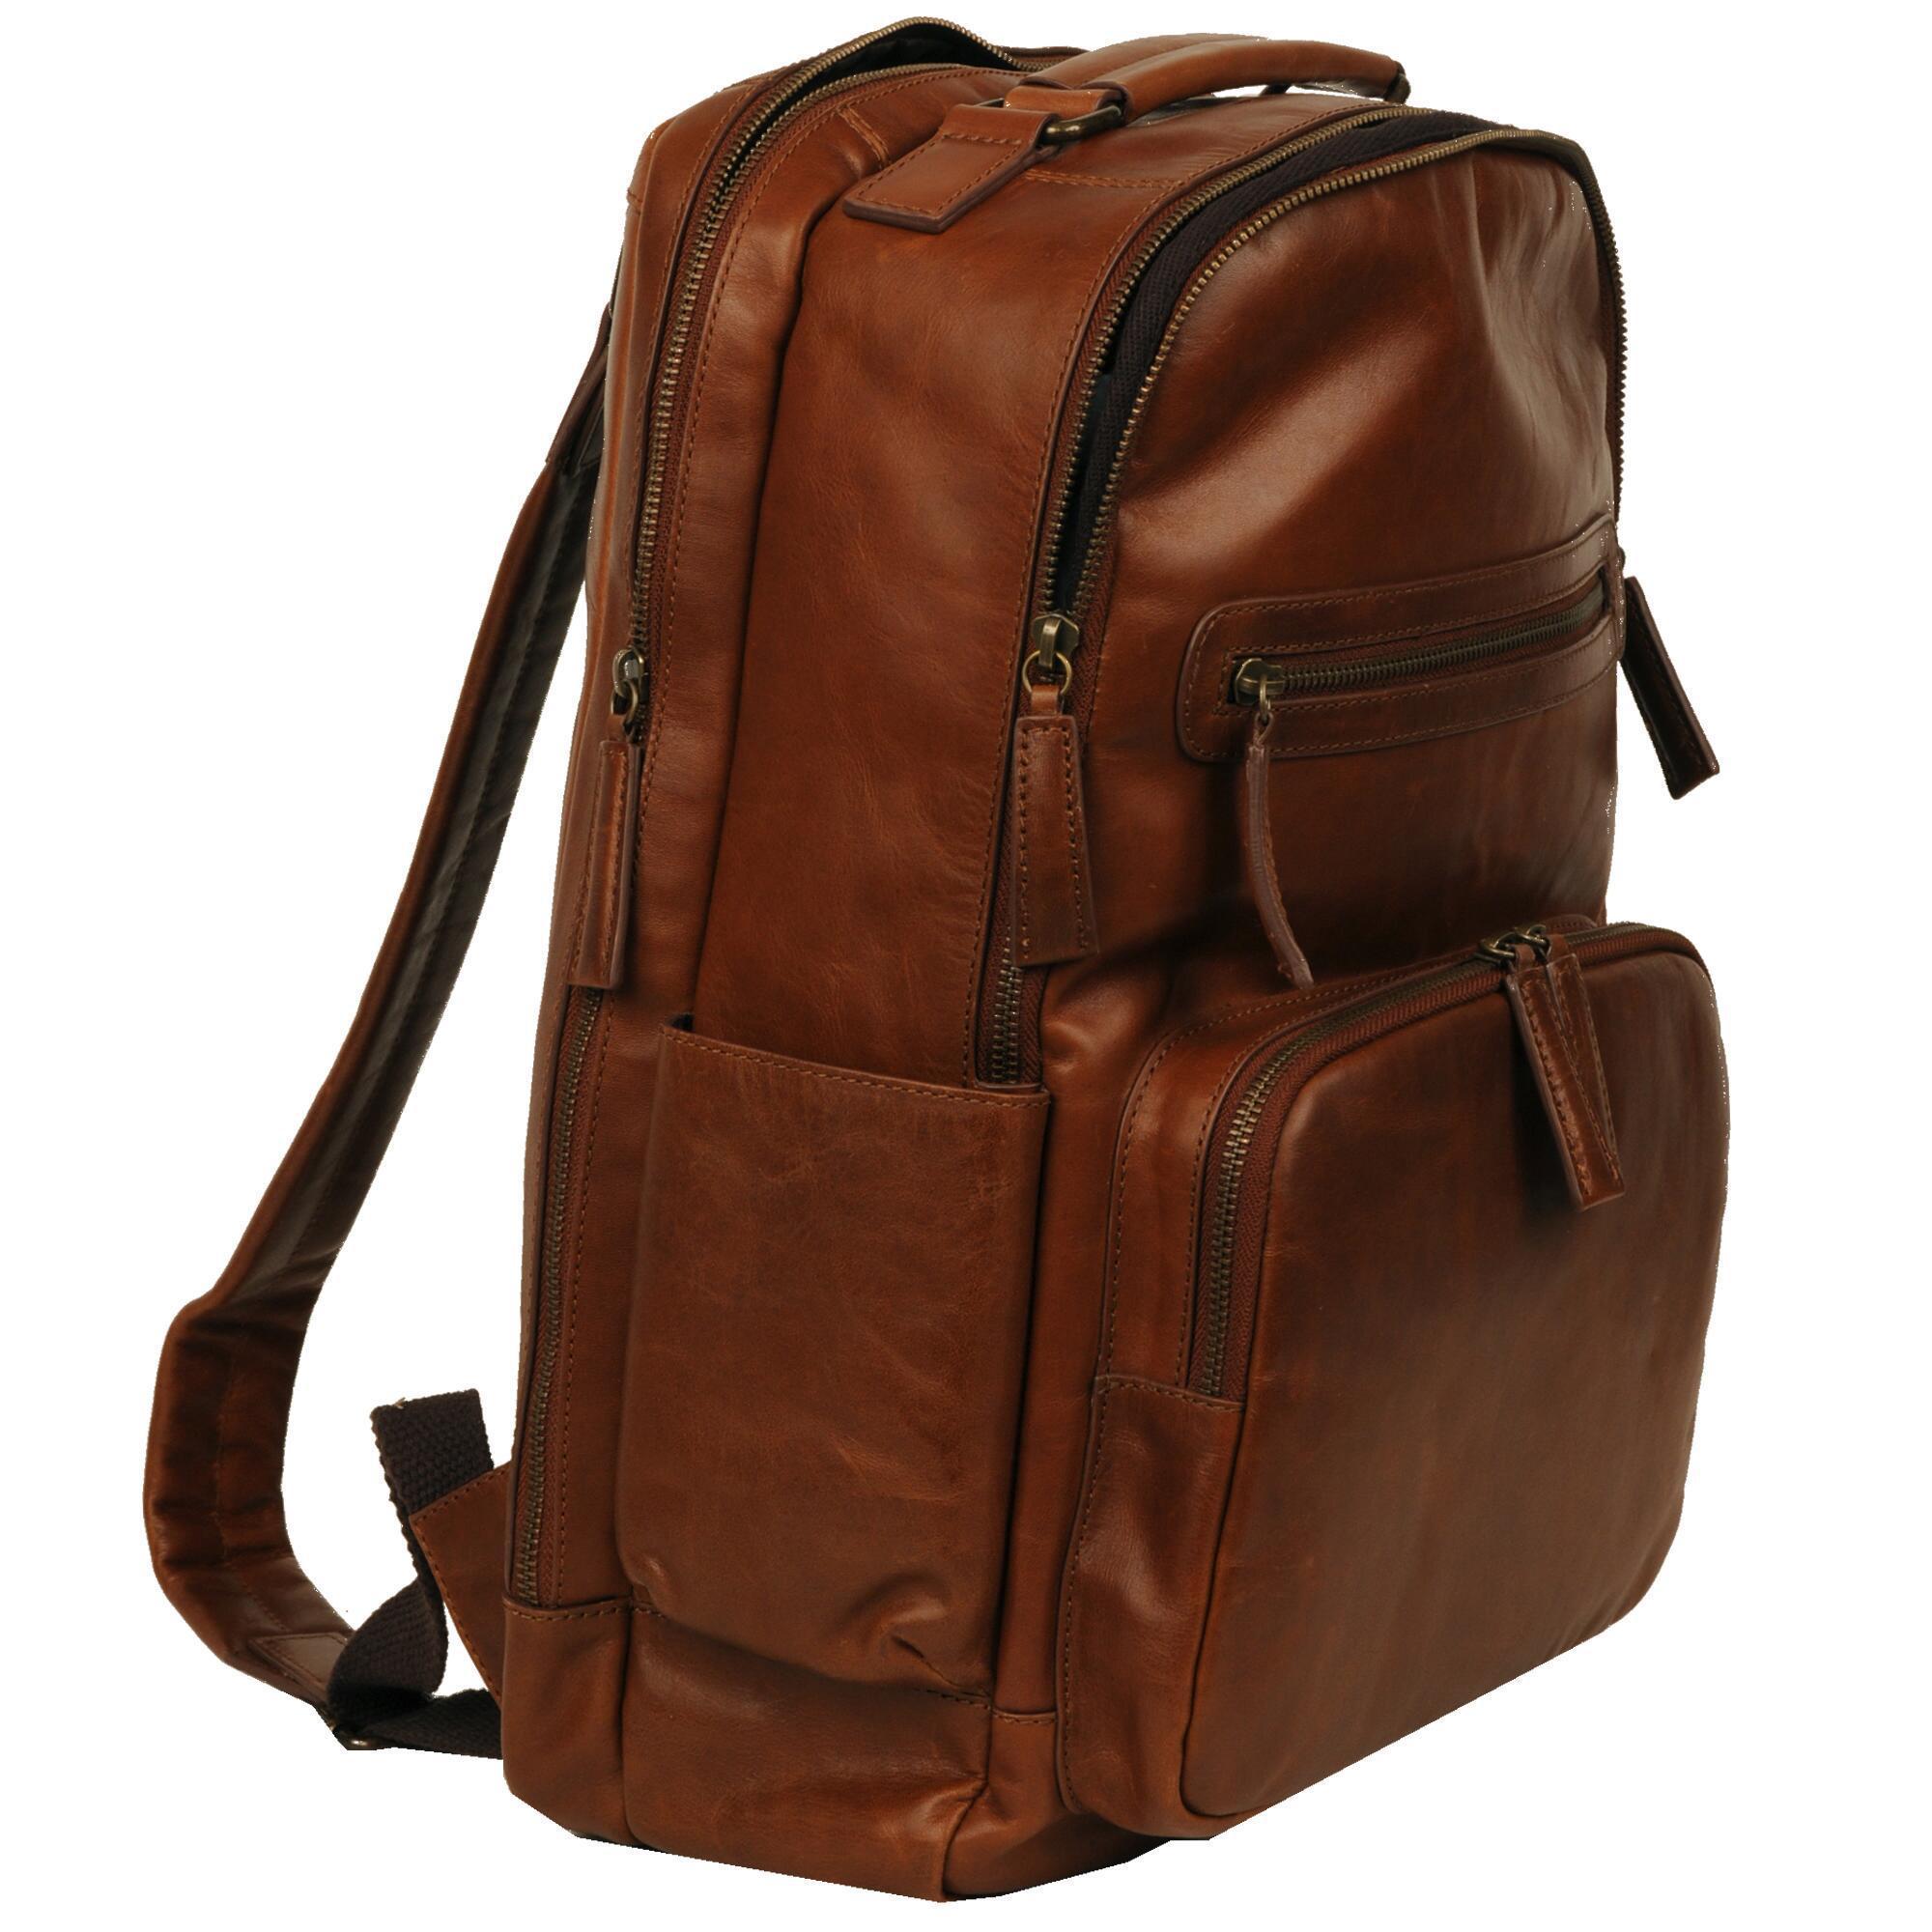 Vintage Leather Crunch Backpack